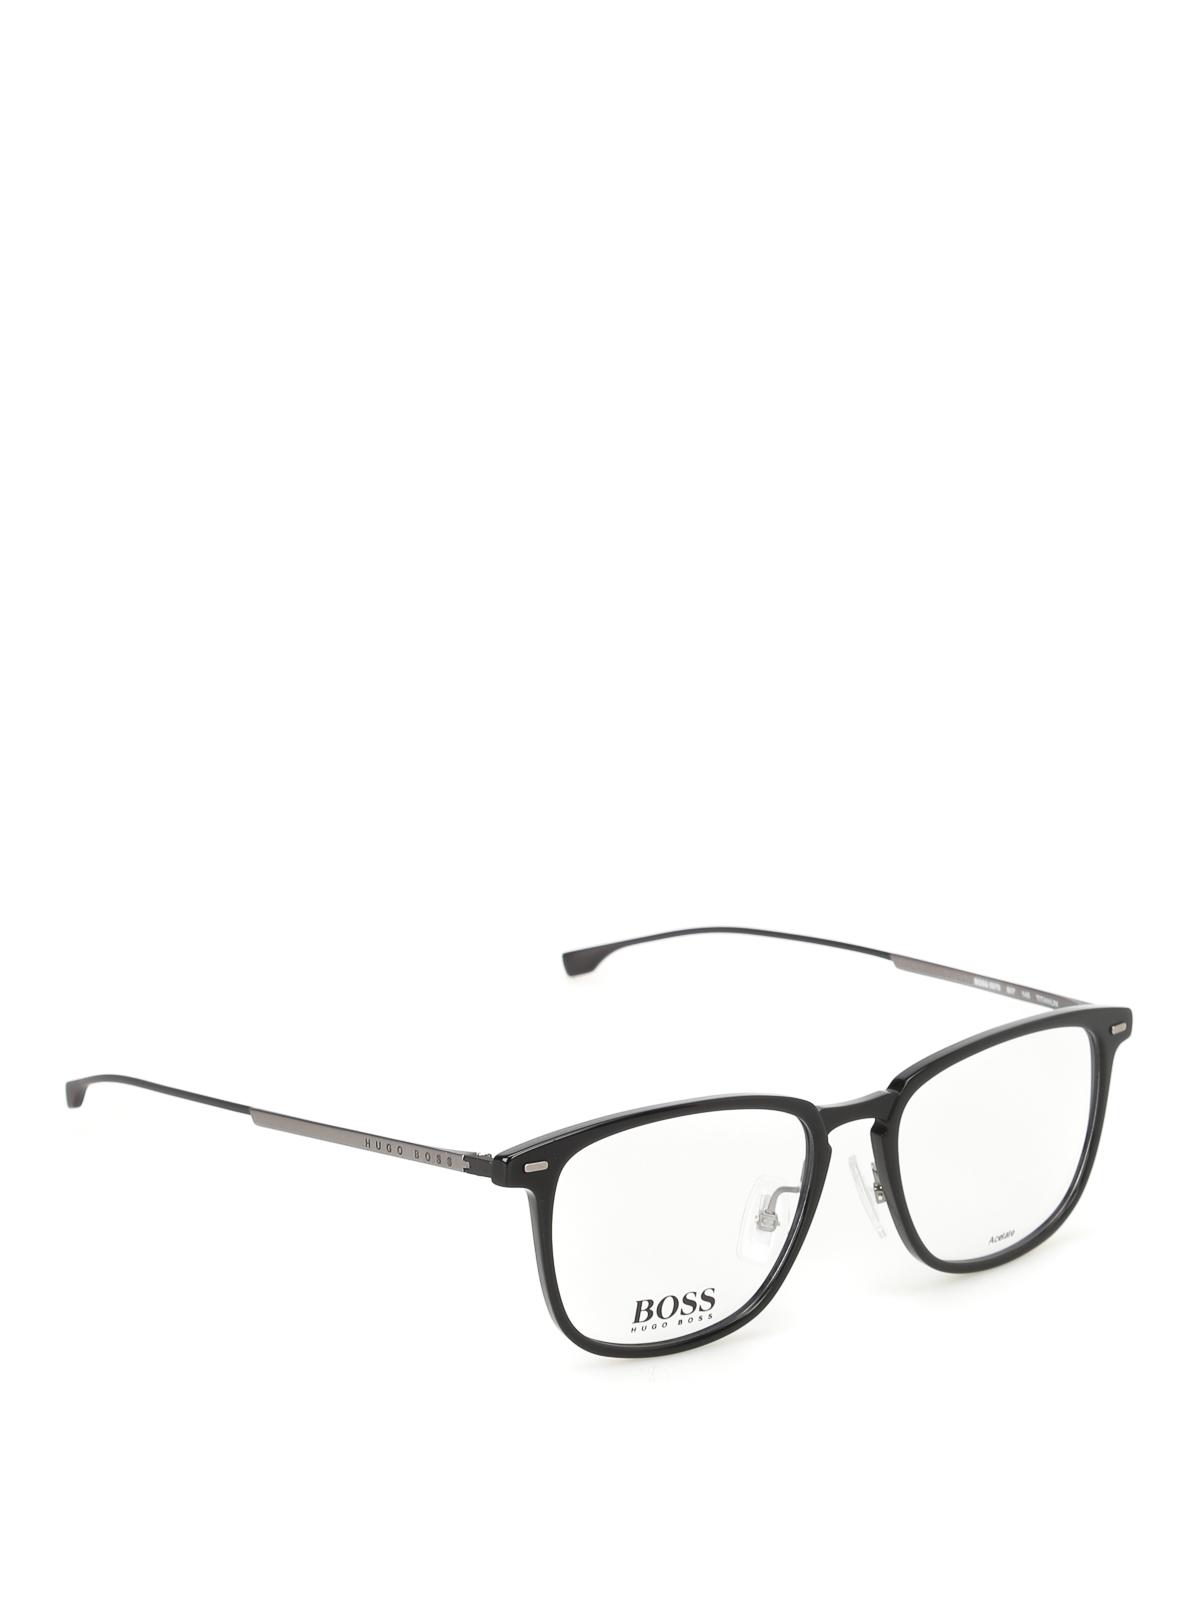 9f2eb44940 Hugo Boss - Occhiali da vista squadrati - occhiali da sole ...